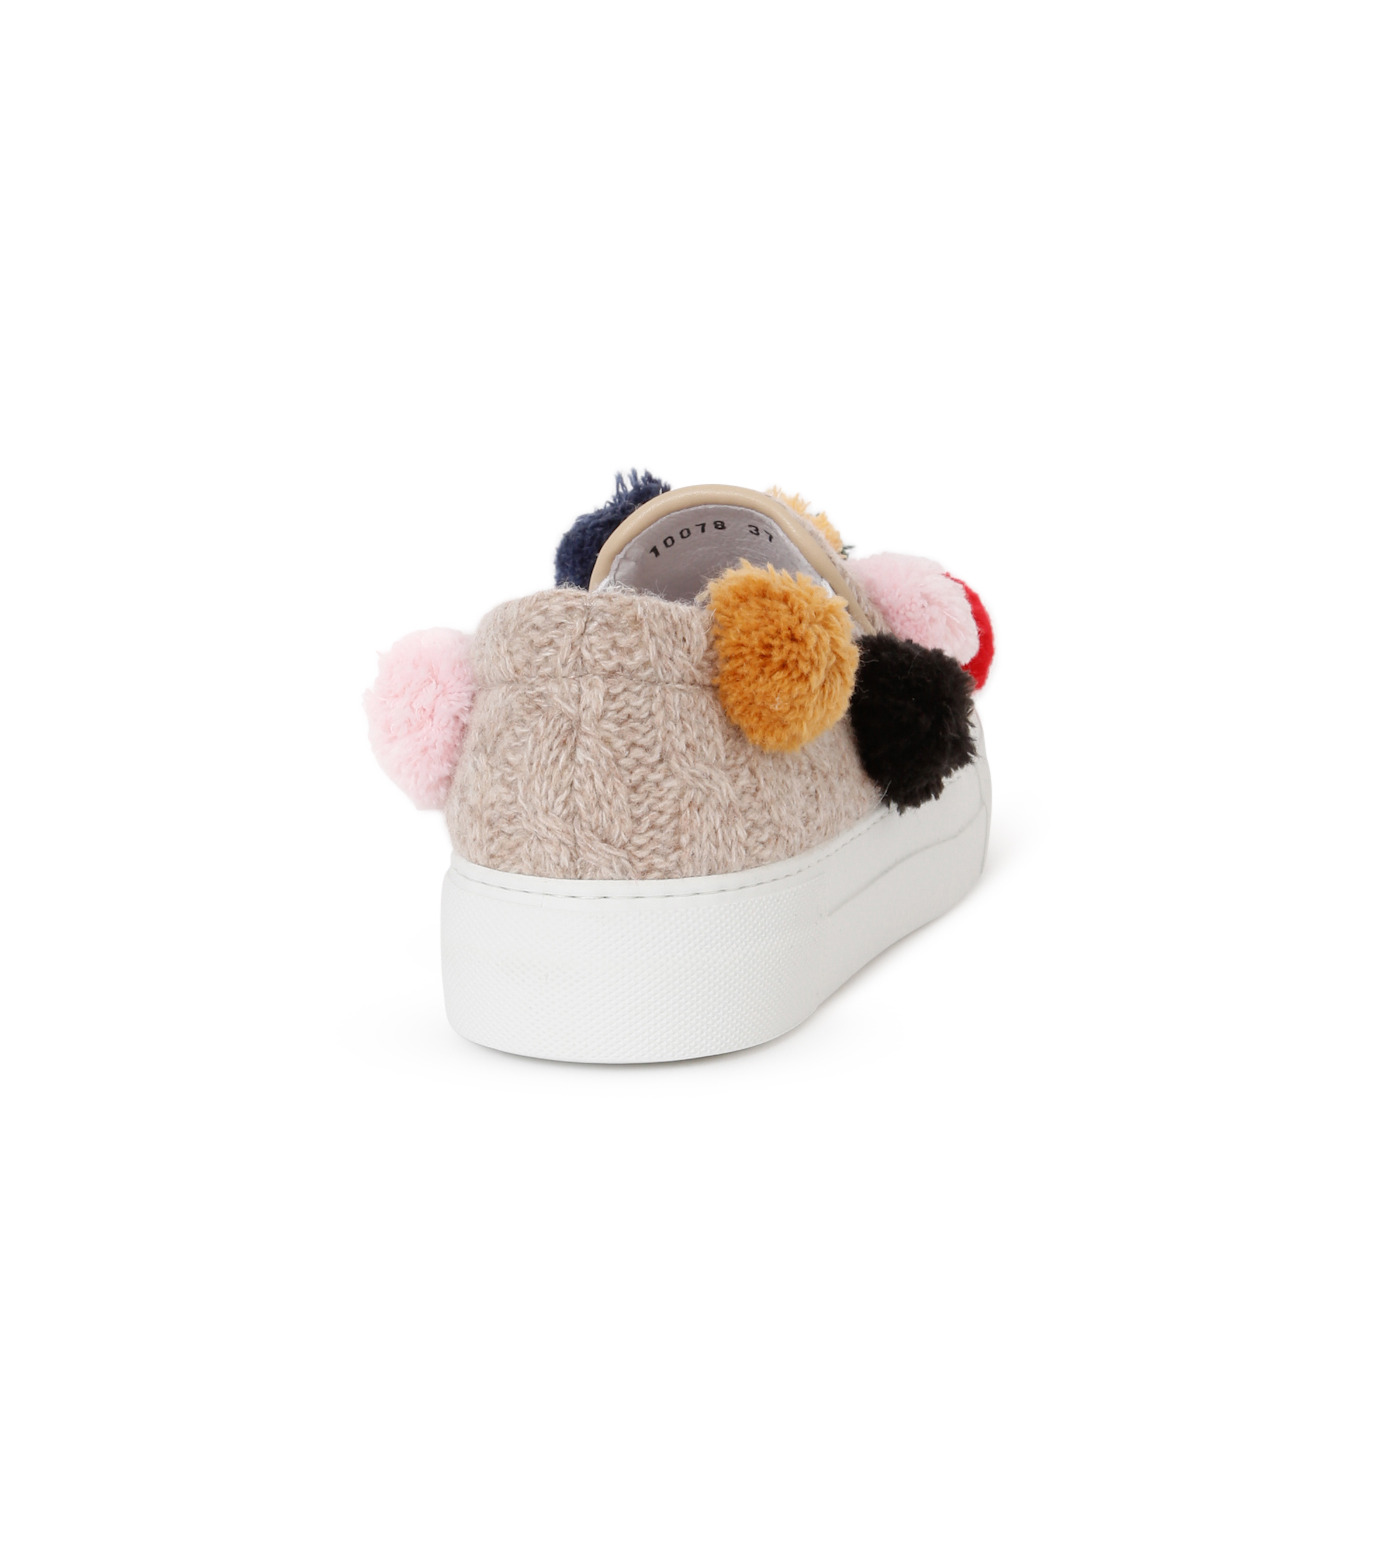 Joshua SANDERS(ジョシュア・サンダース)のKnit Pom Pom-LIGHT BEIGE(スニーカー/sneaker)-10078-51 拡大詳細画像3